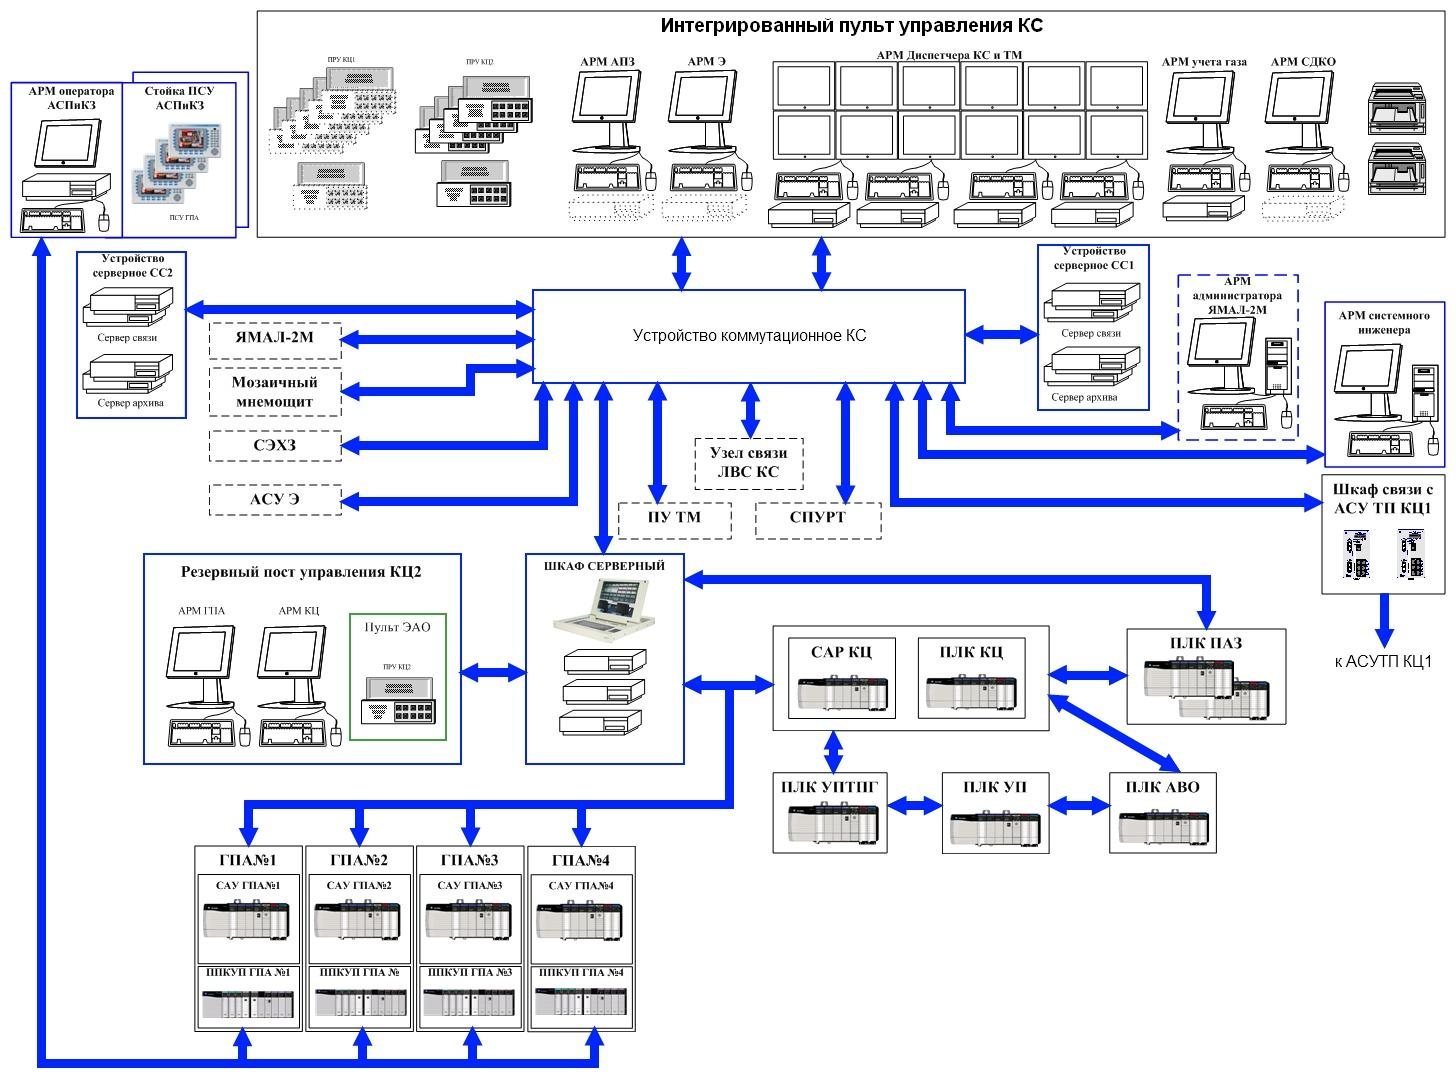 Схема автоматического контроля и управления